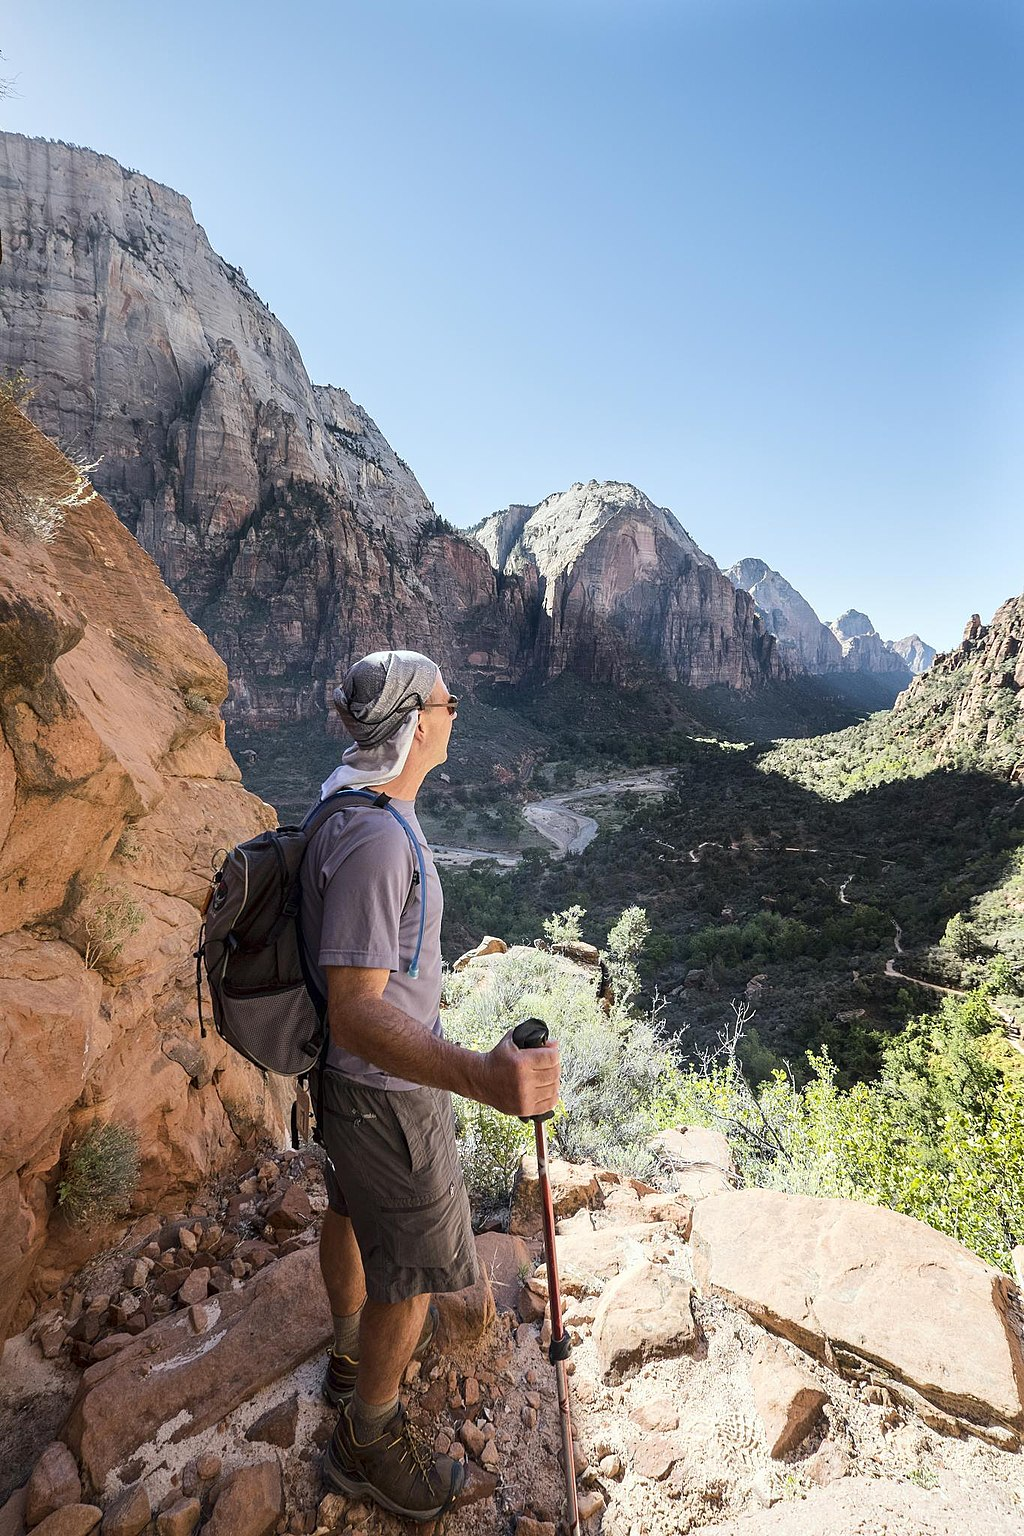 Zion National Park (15187810160)